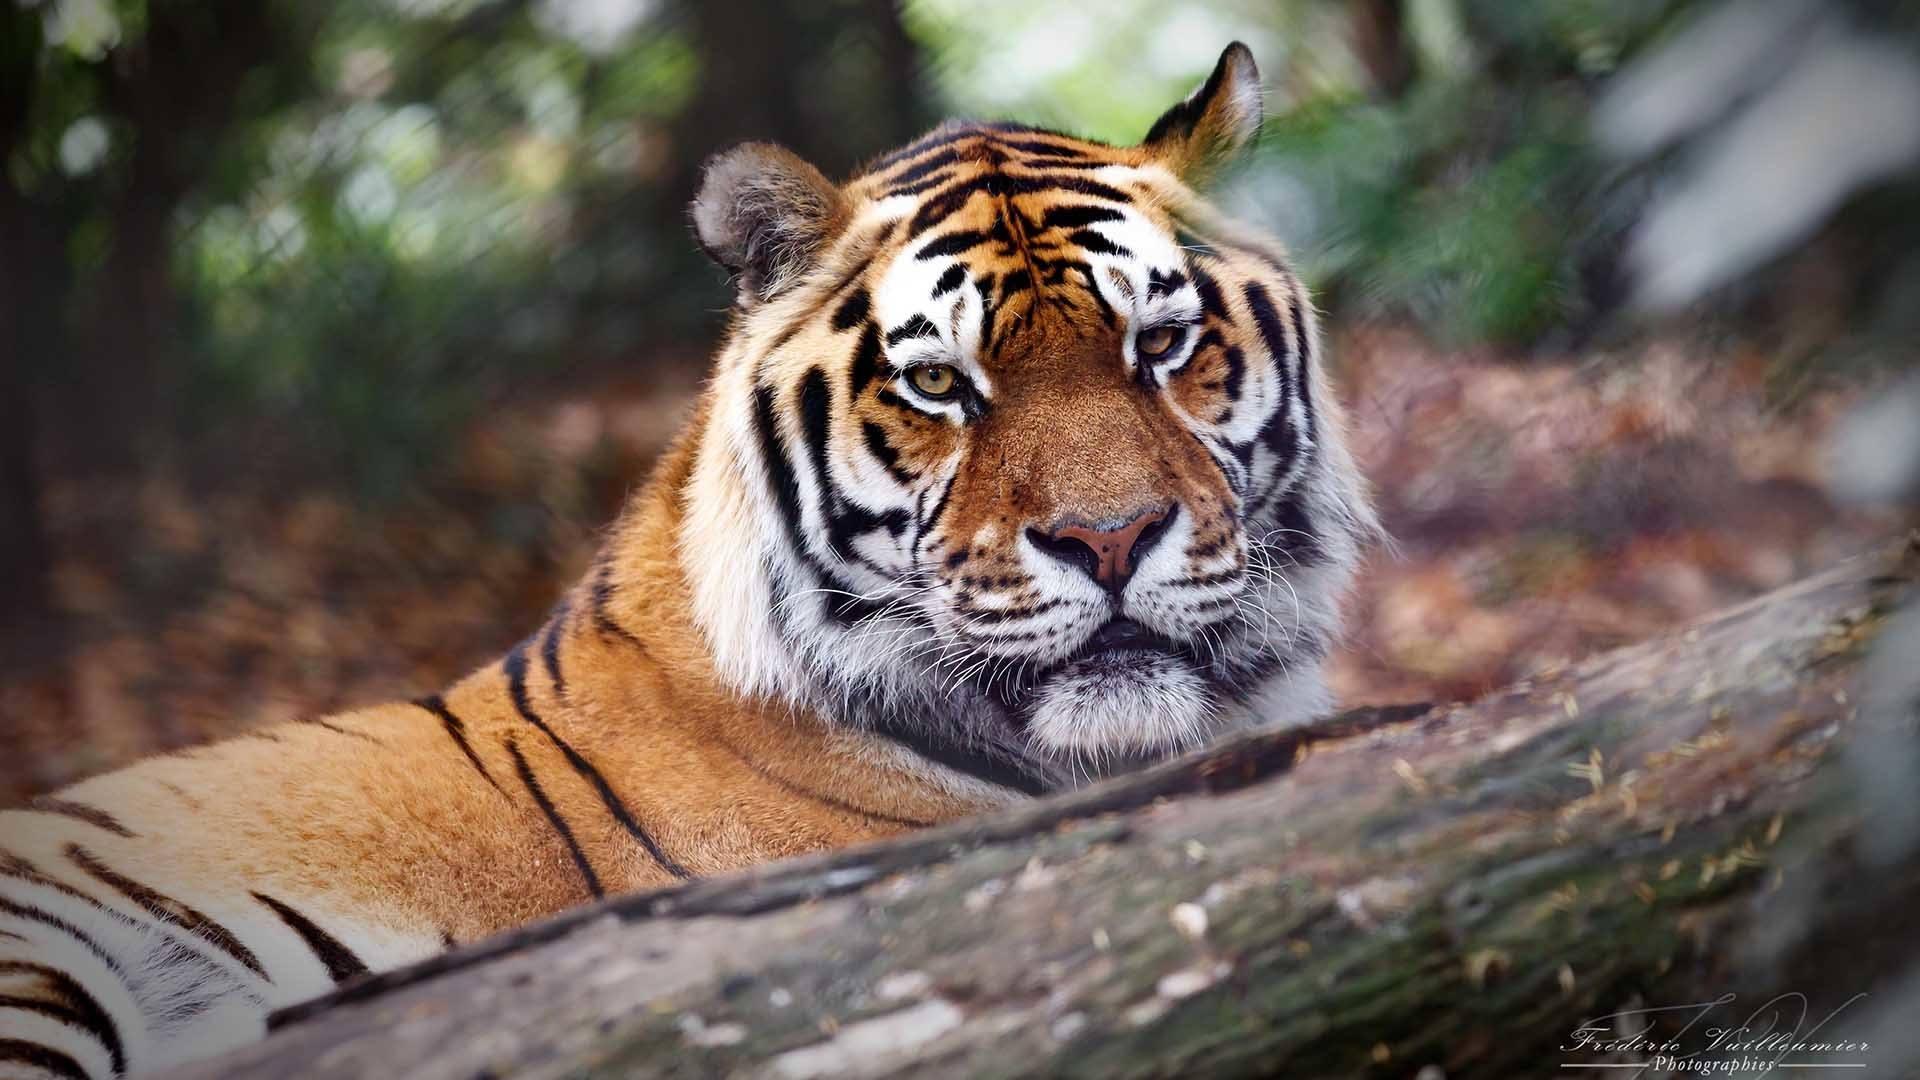 Journée découverte au zoo de Mulhouse : le tigre Baïkal © Frédéric Vuilleumier